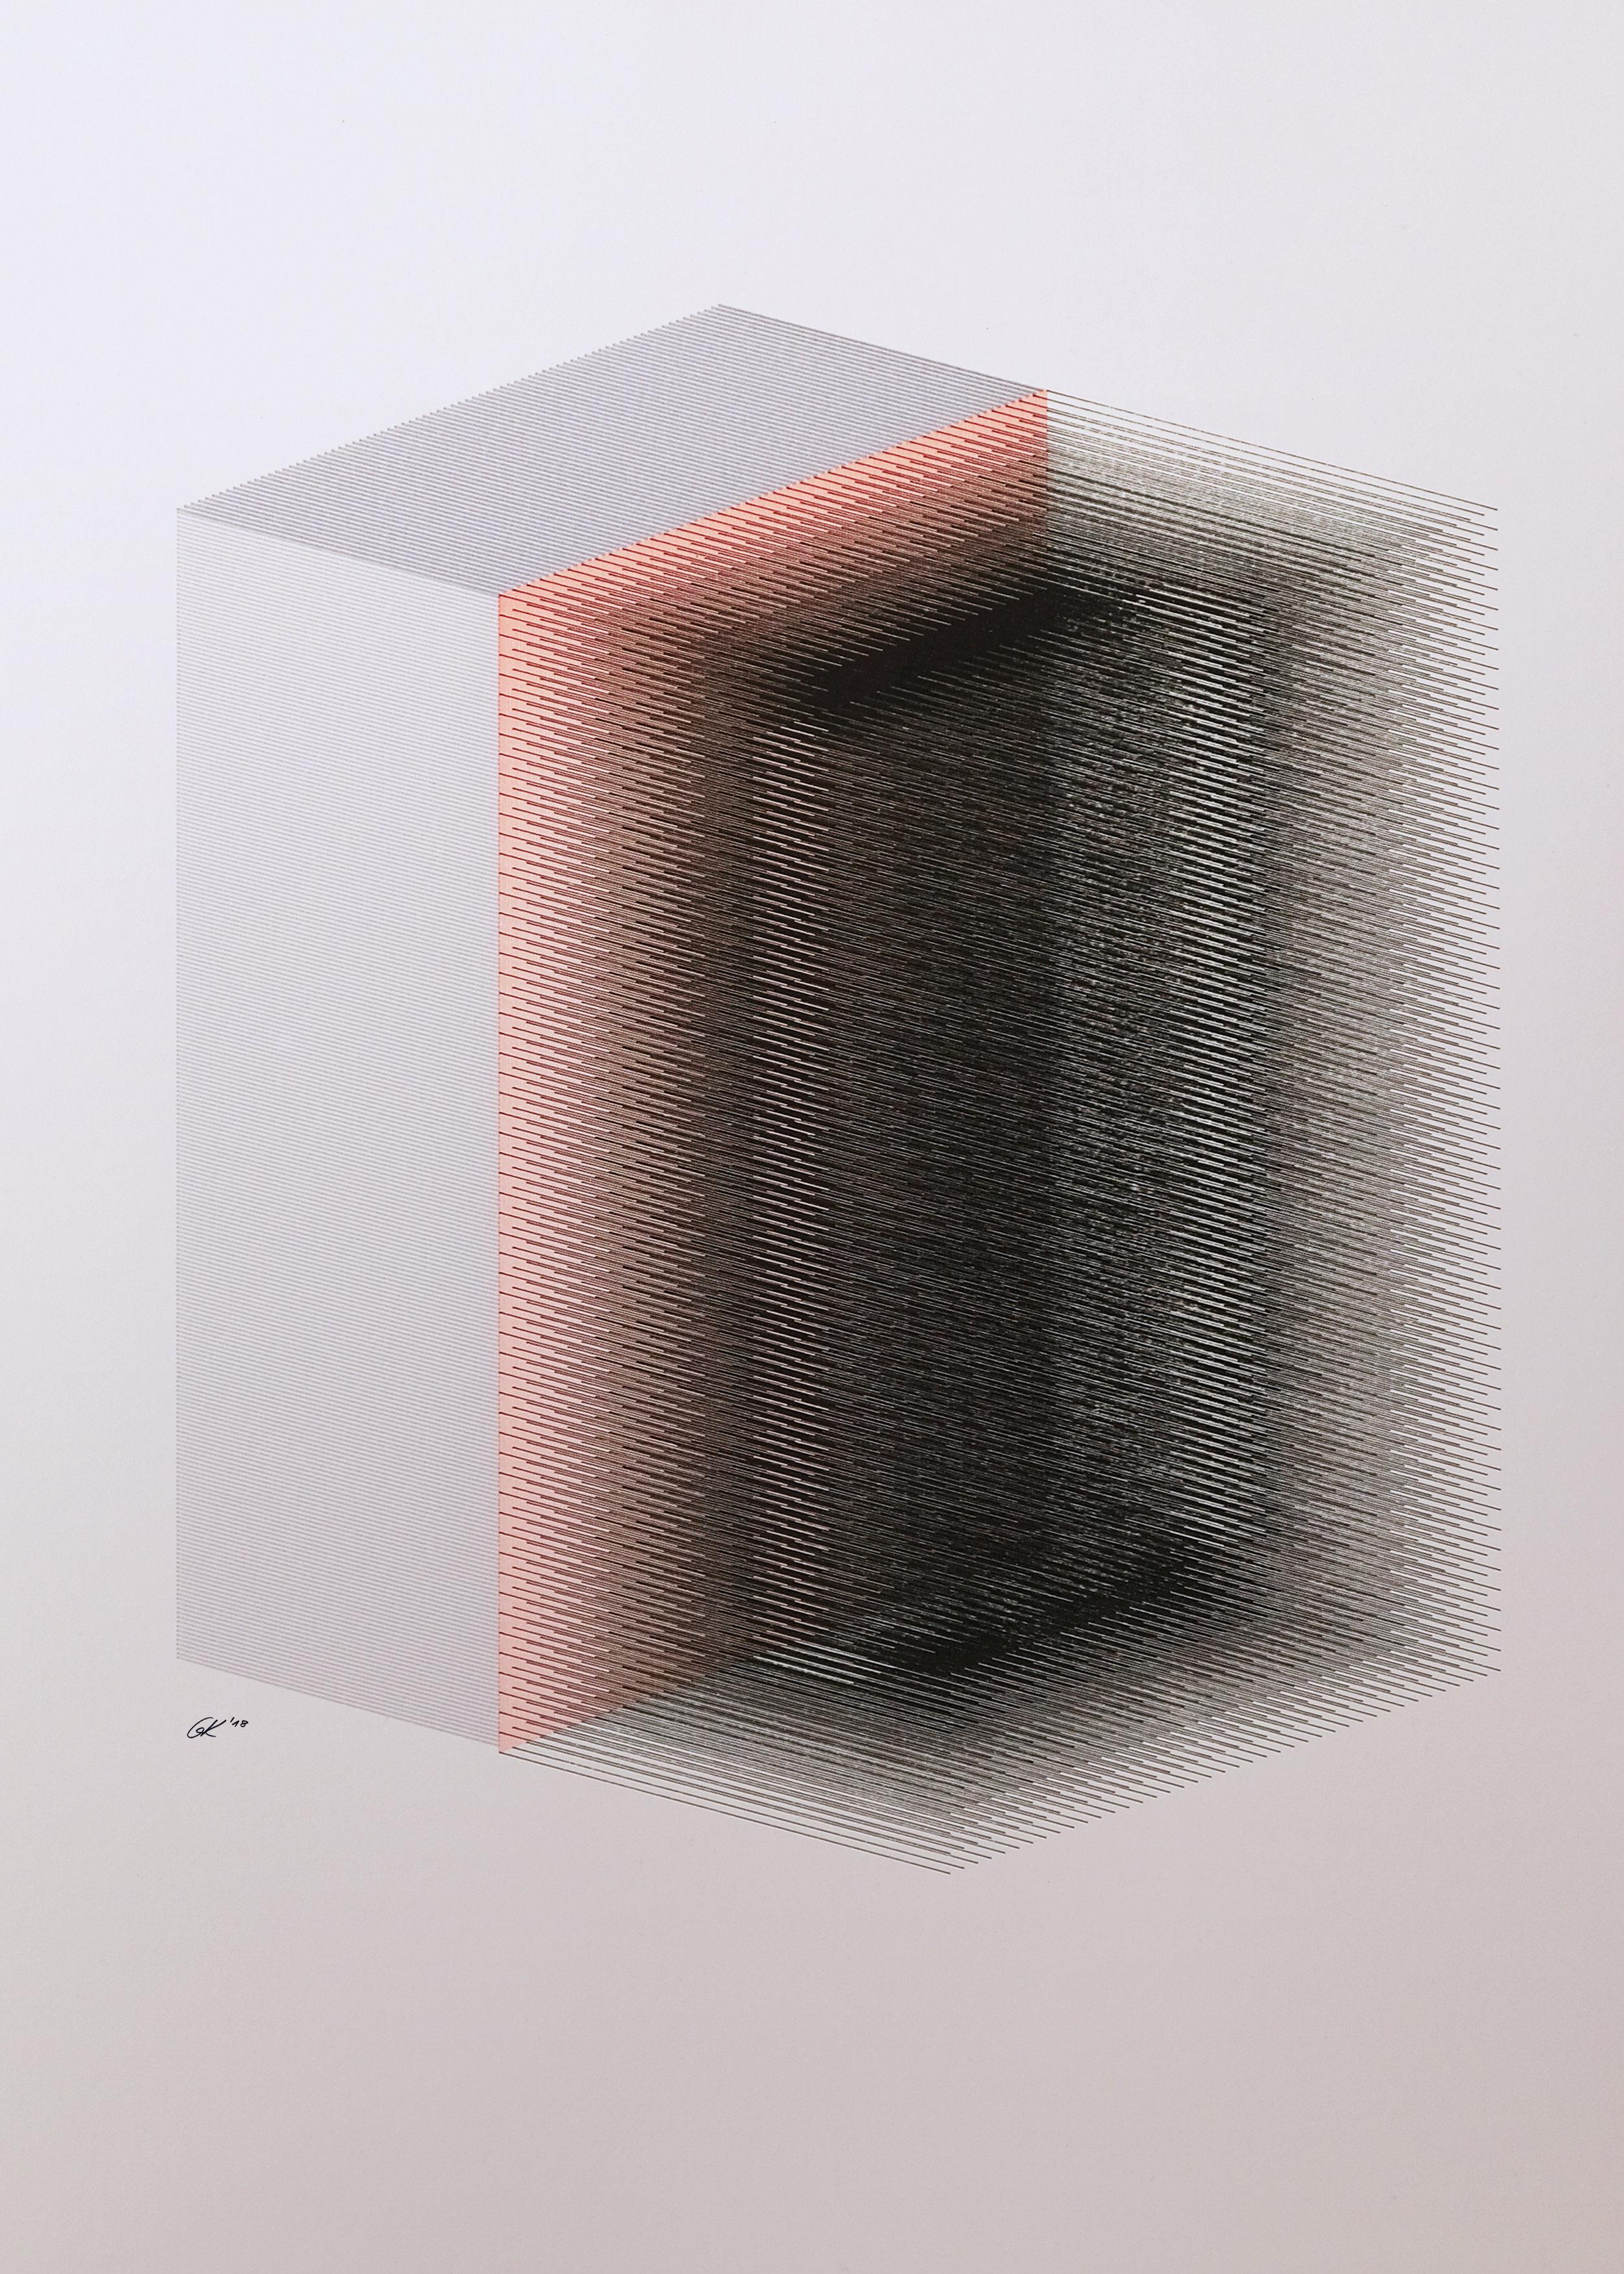 Pen Plotter Artwork - Gunther Kleinert